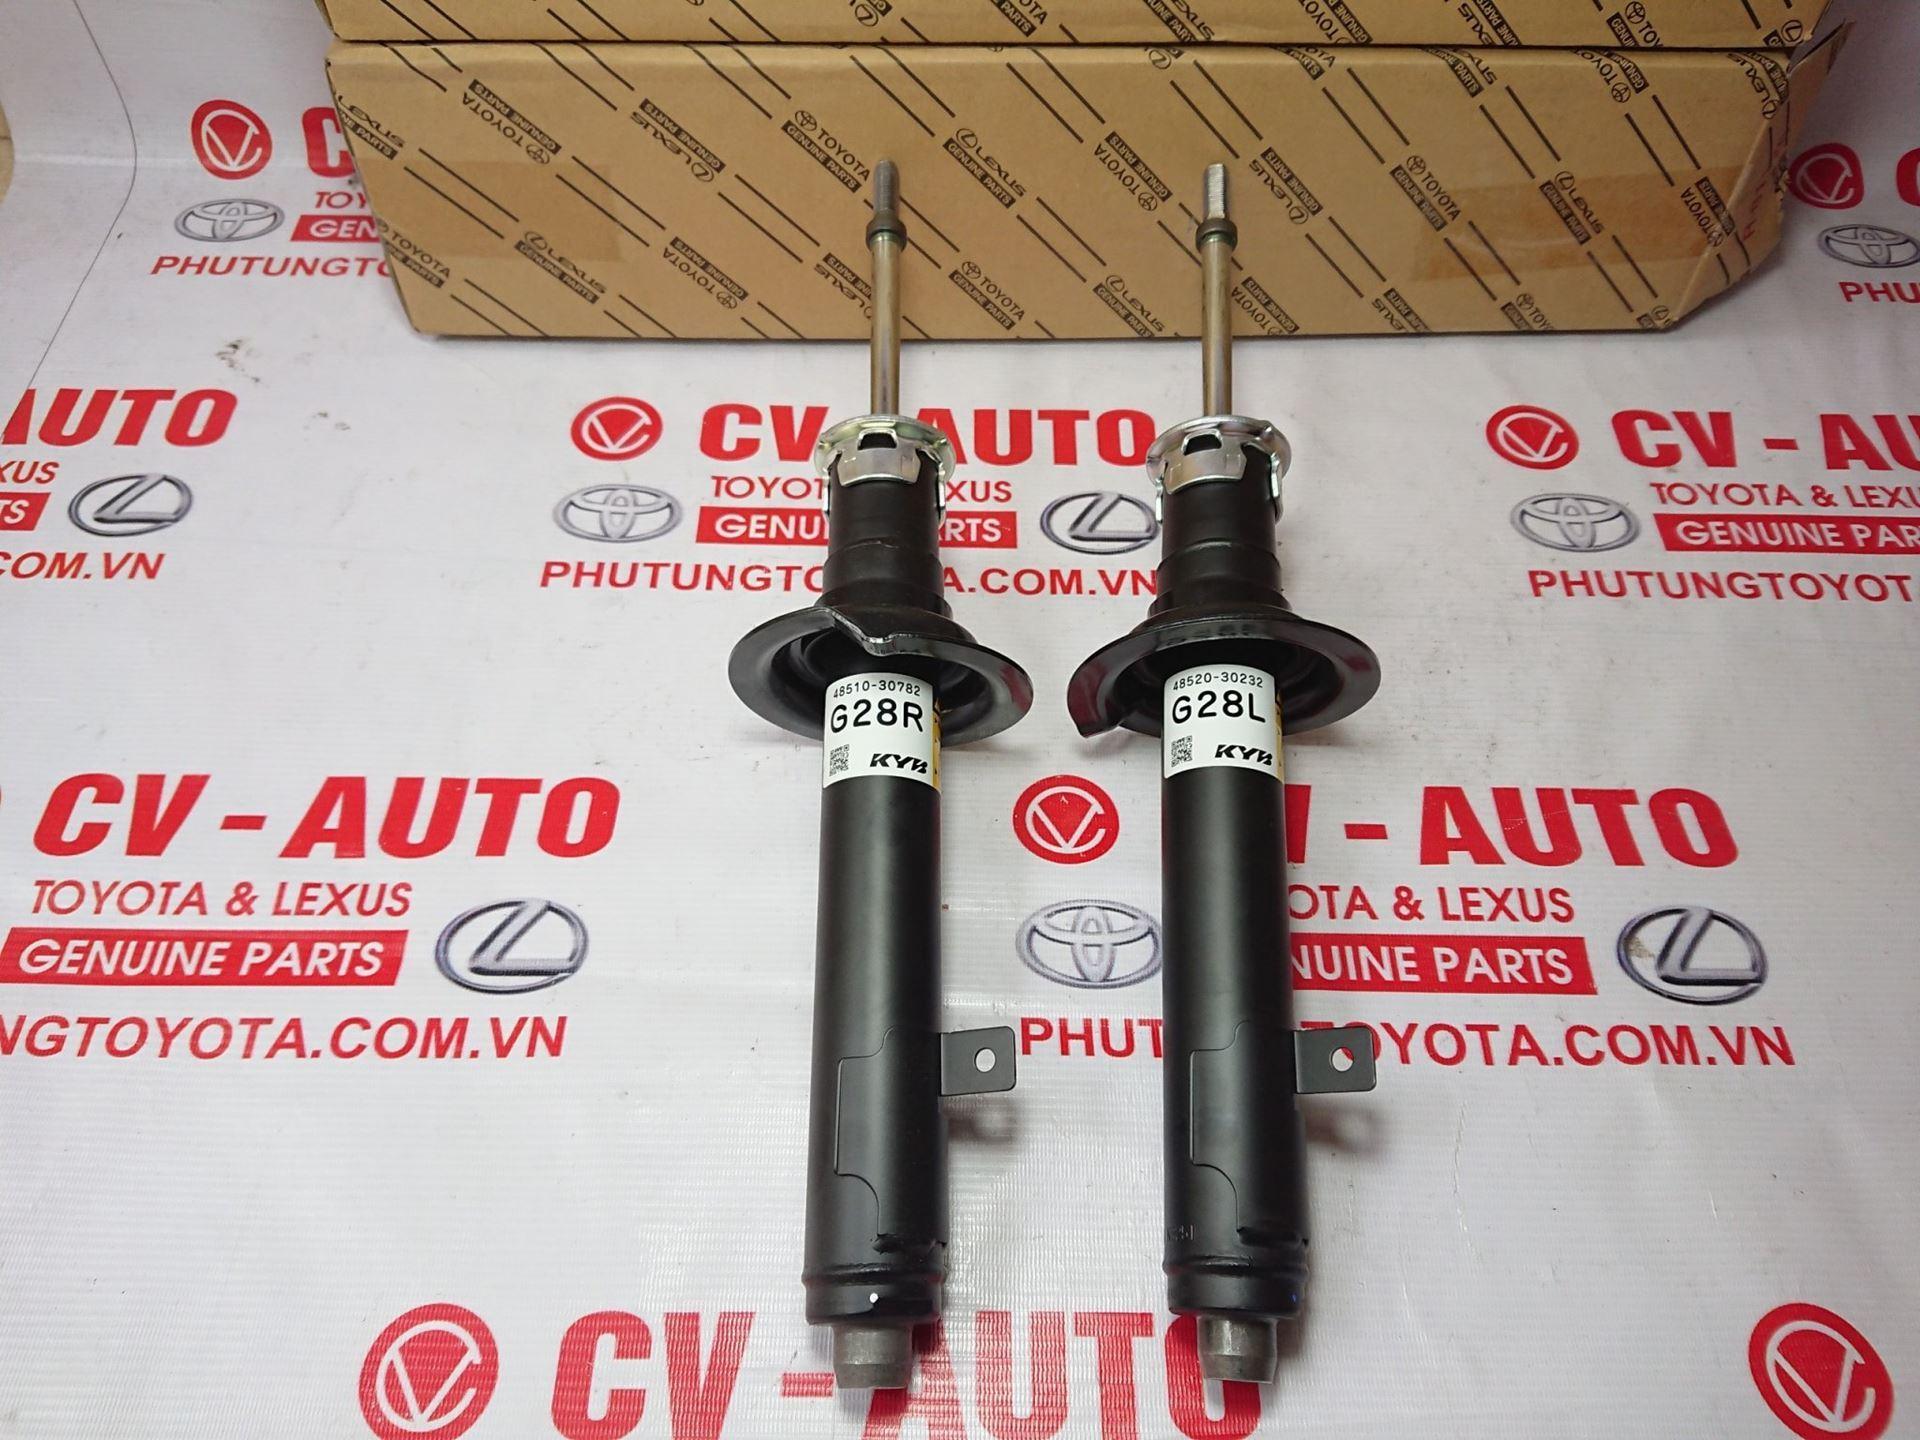 Picture of 48510-80437 48520-80184 Giảm xóc Lexus GS350 chính hãng